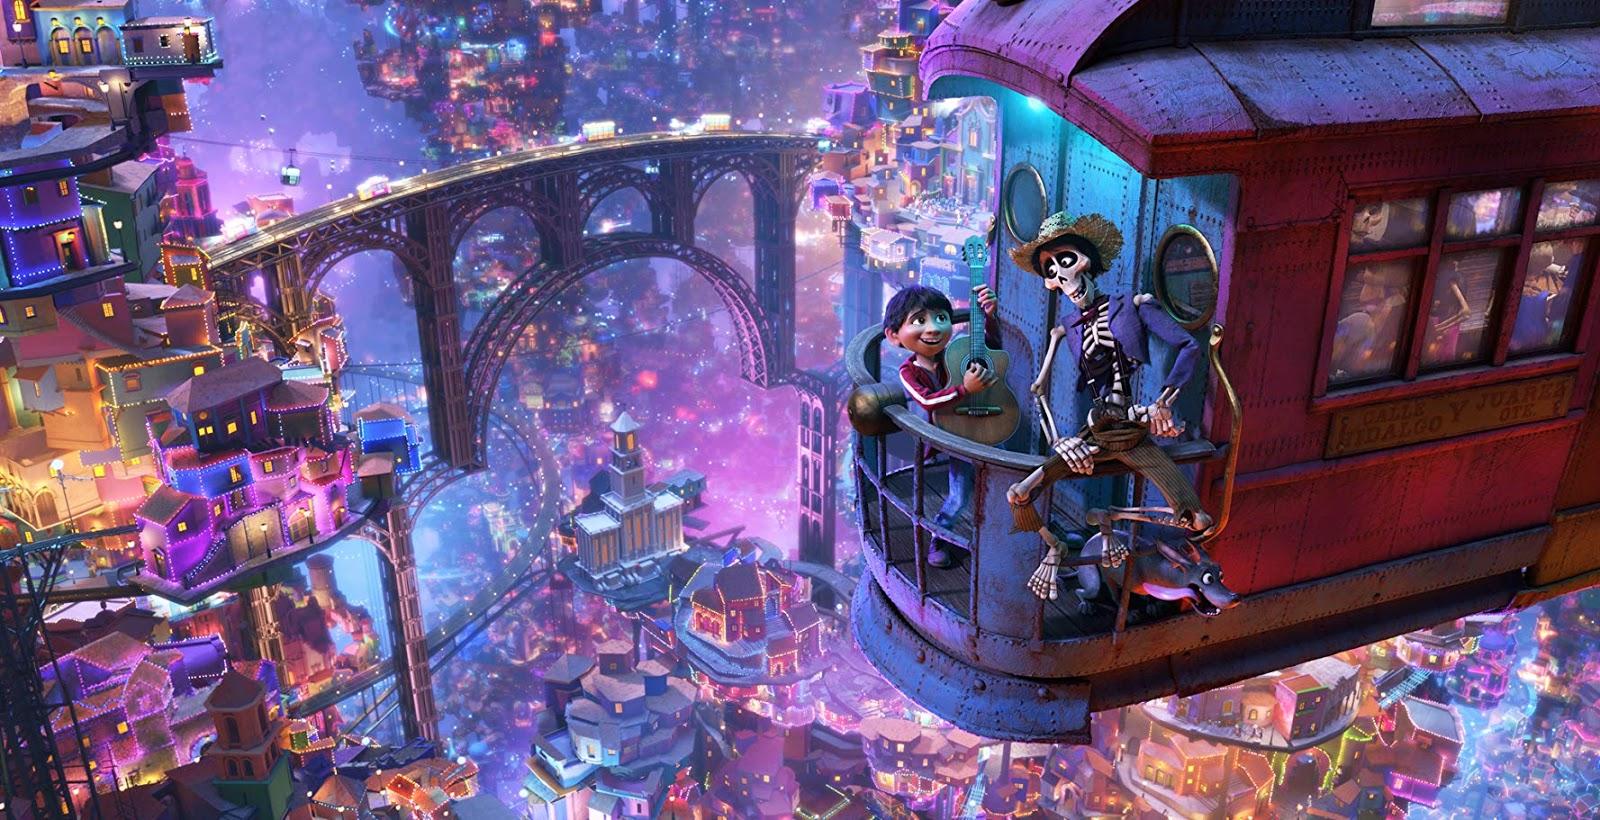 Fique em casa: 5 filmes da Disney para assistir na quarentena